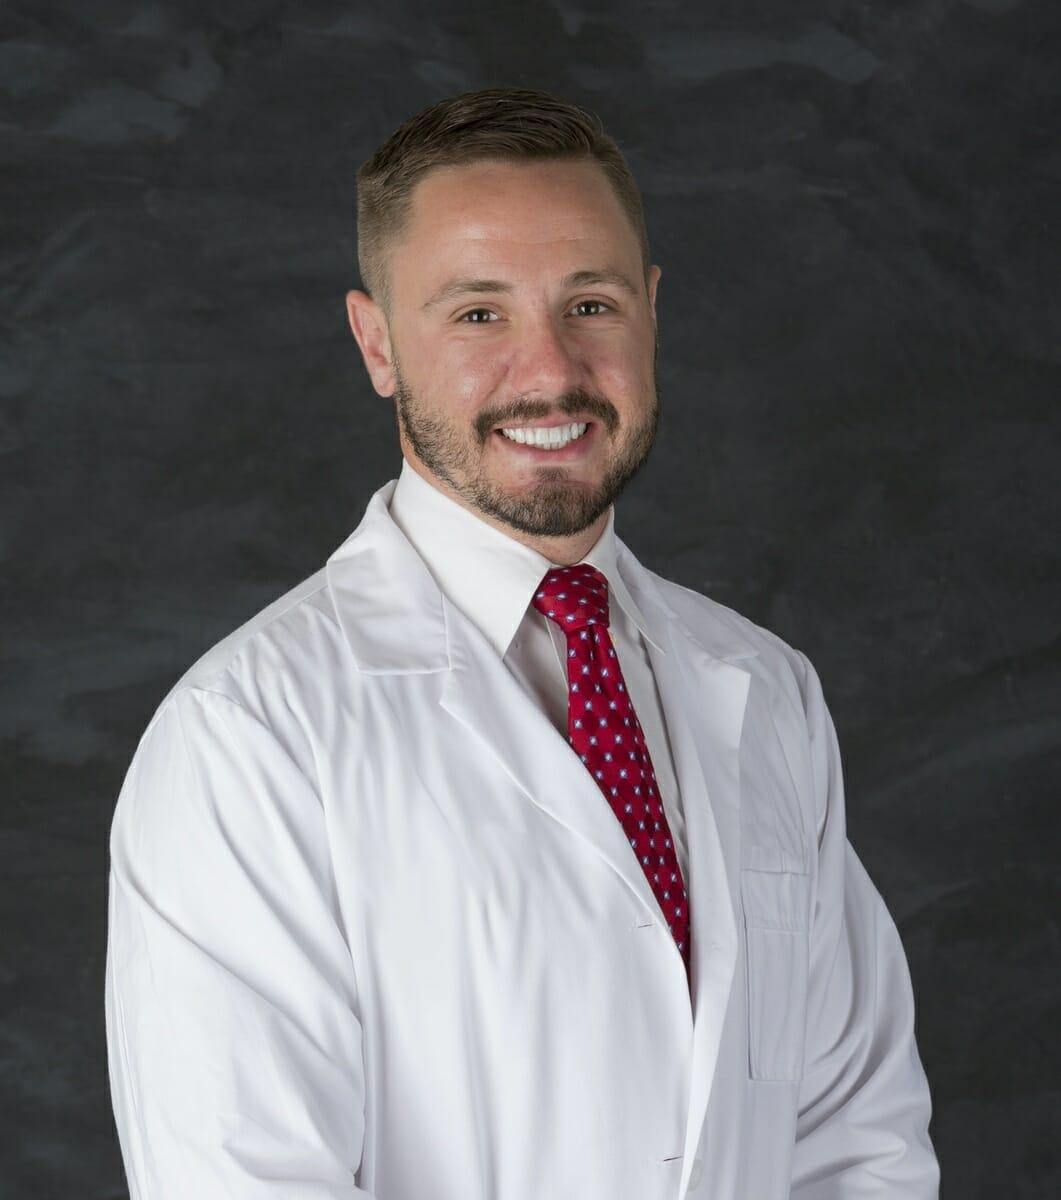 Dr. Brandon McElroy